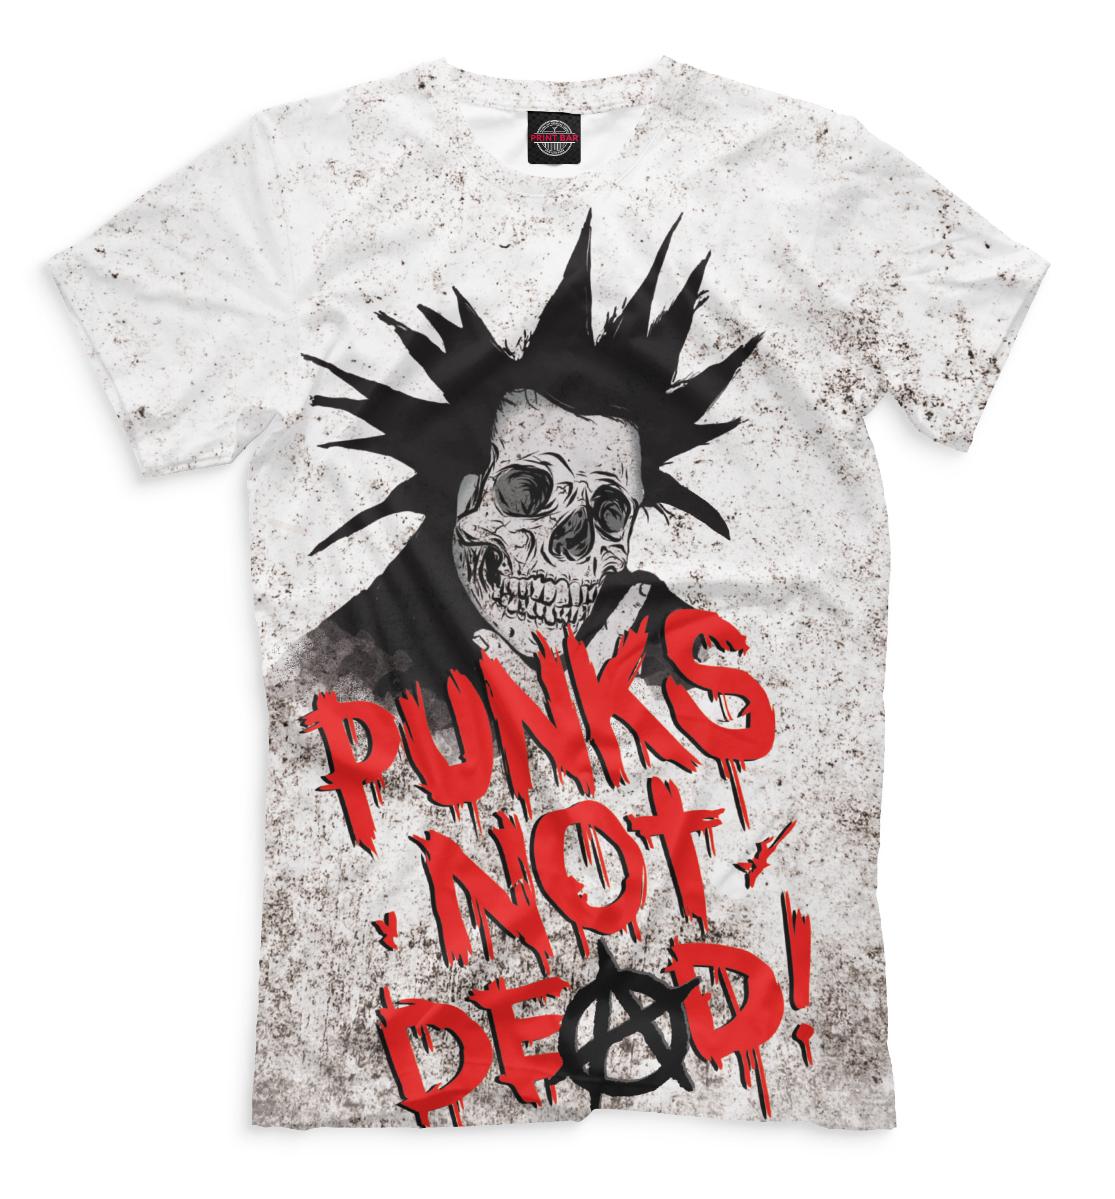 Купить Punks not Dead!, Printbar, Футболки, MZK-529454-fut-2